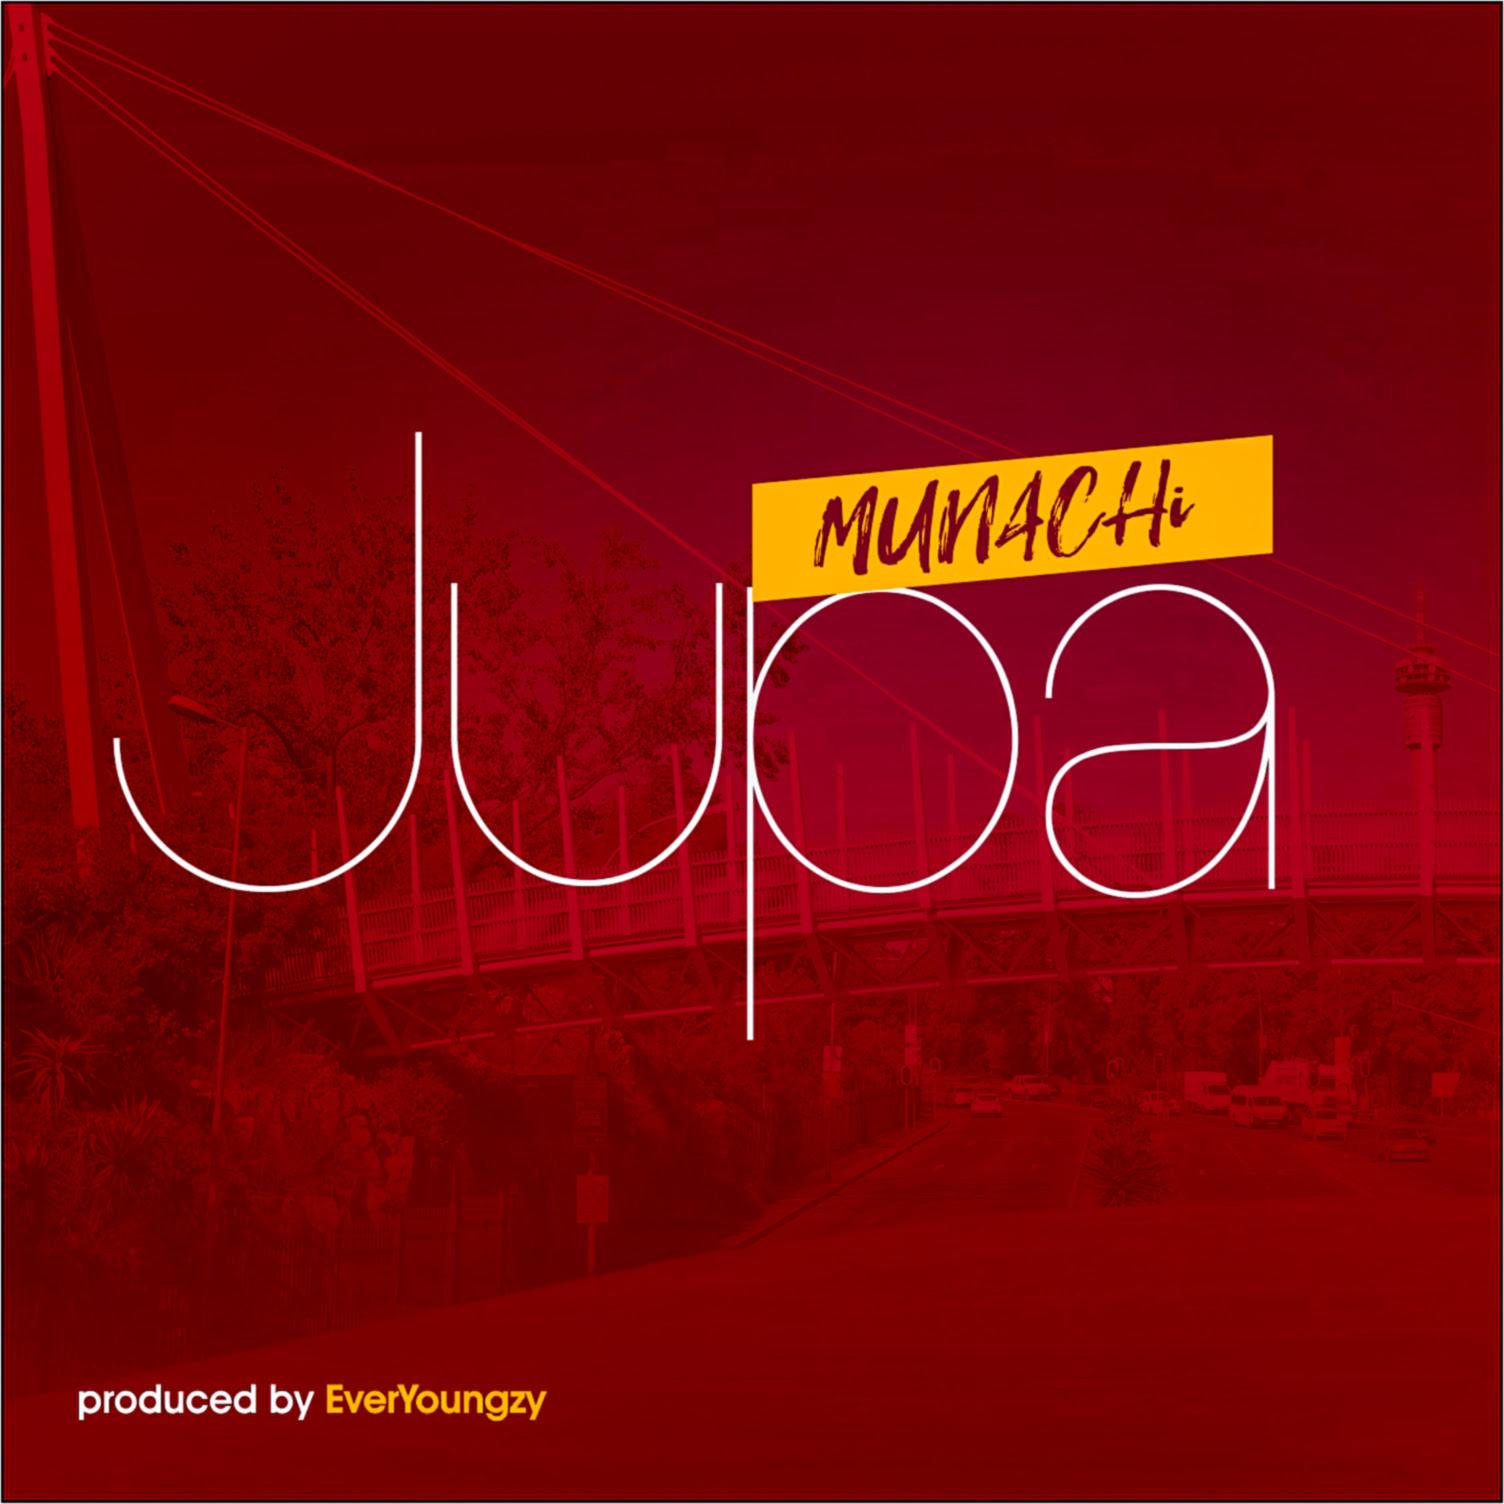 DOWNLOAD MP3: Munachi - Jupa